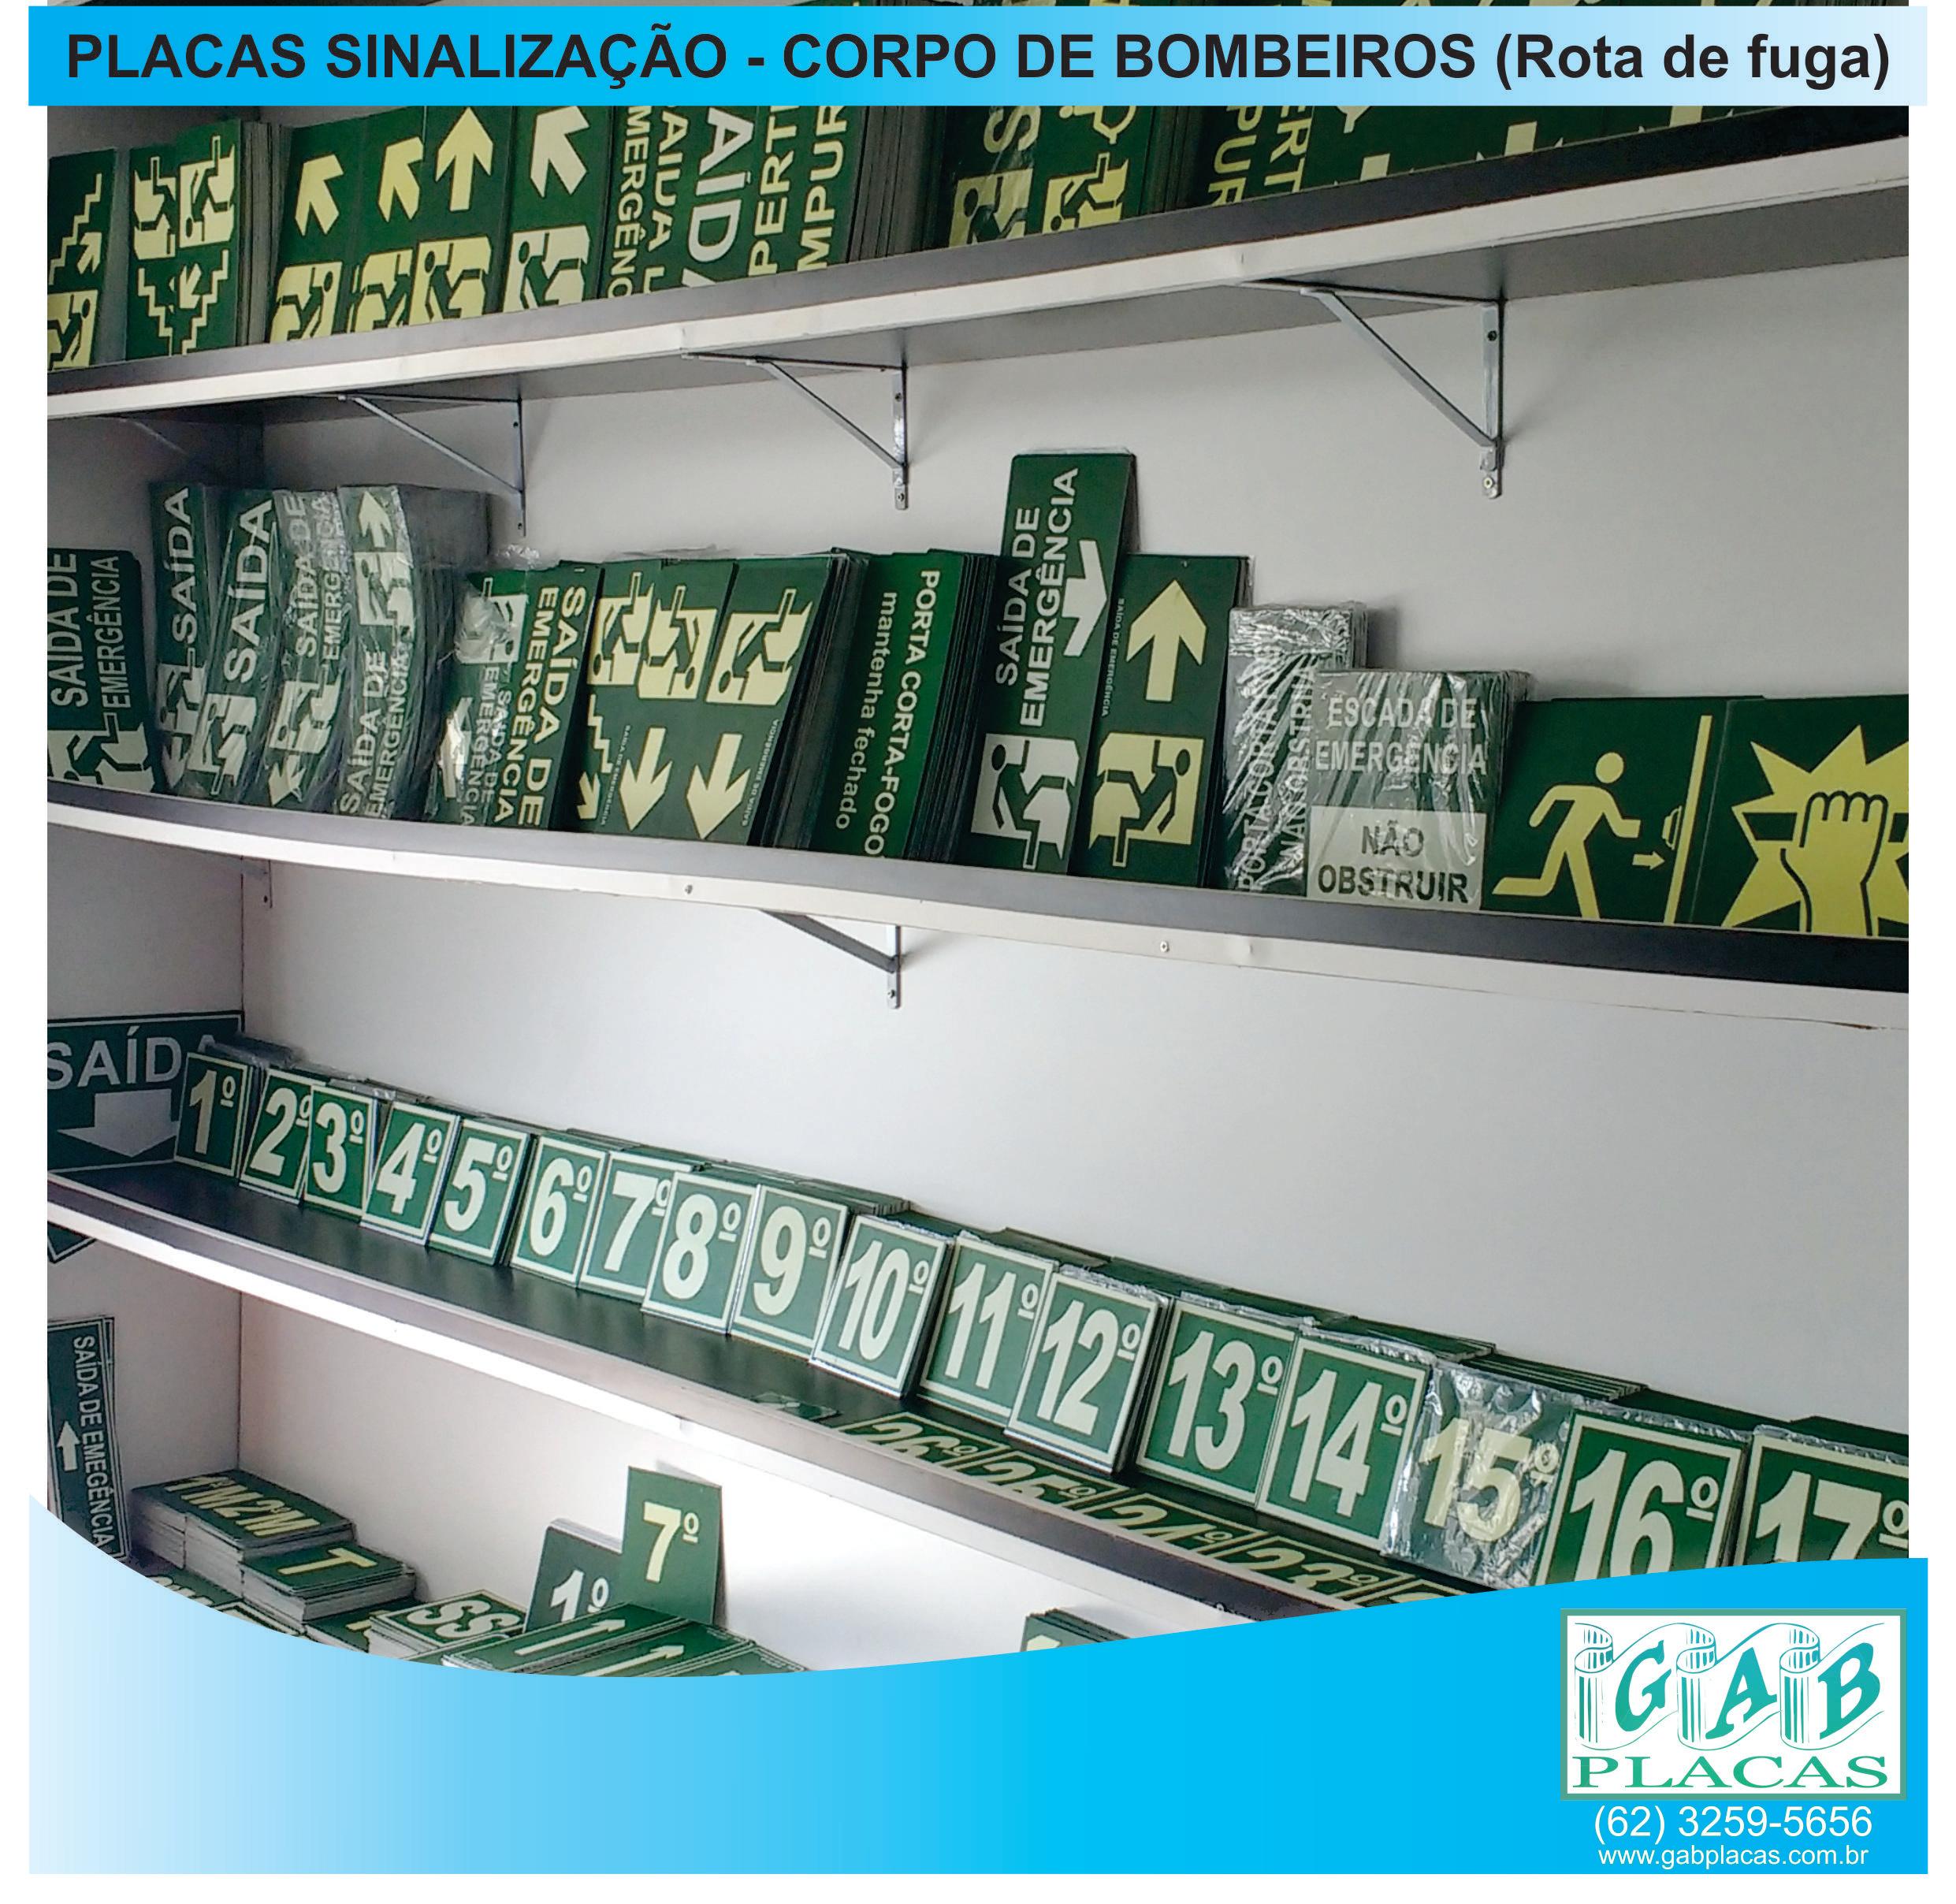 GAB_Placas_Goiânia_GO_-_Placas_de_sinalização_-_corpo_de_bombeiros_rota_de_fuga